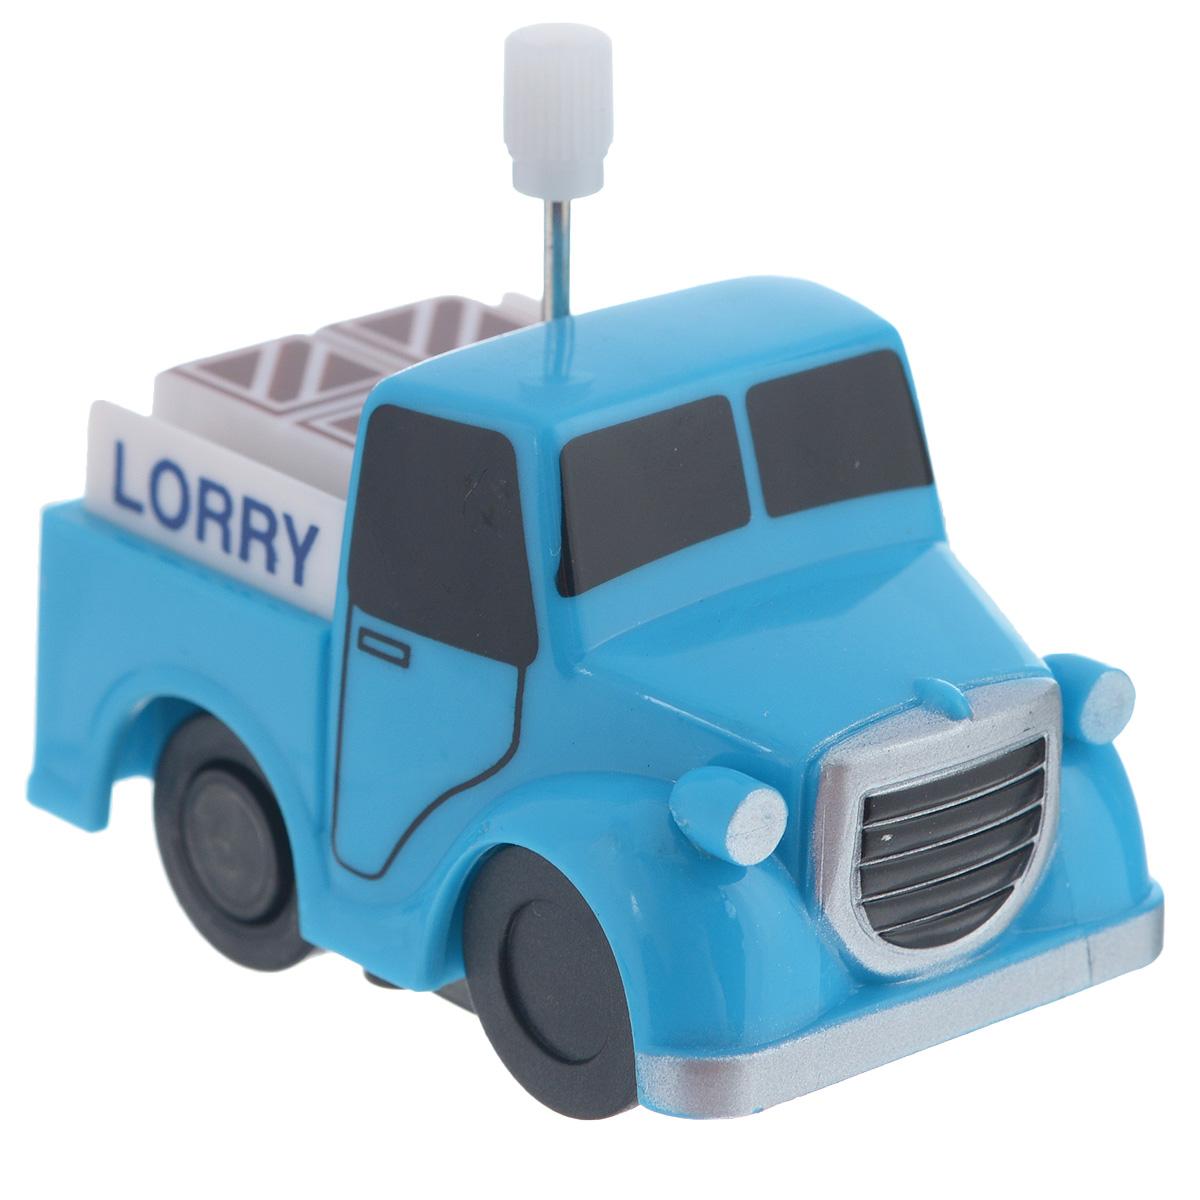 Игрушка заводная Грузовичок Lorry2K-012BD_ LorryИгрушка Hans Грузовичок Lorry привлечет внимание вашего малыша и не позволит ему скучать! Выполненная из безопасного пластика, игрушка представляет собой грузовичок. Игрушка имеет механический завод. Для запуска, придерживая колеса, поверните заводной ключ по часовой стрелке до упора. Установите игрушку на поверхность и она поедет вперед. Заводная игрушка Hans Грузовичок Lorry поможет ребенку в развитии воображения, мелкой моторики рук, концентрации внимания и цветового восприятия.